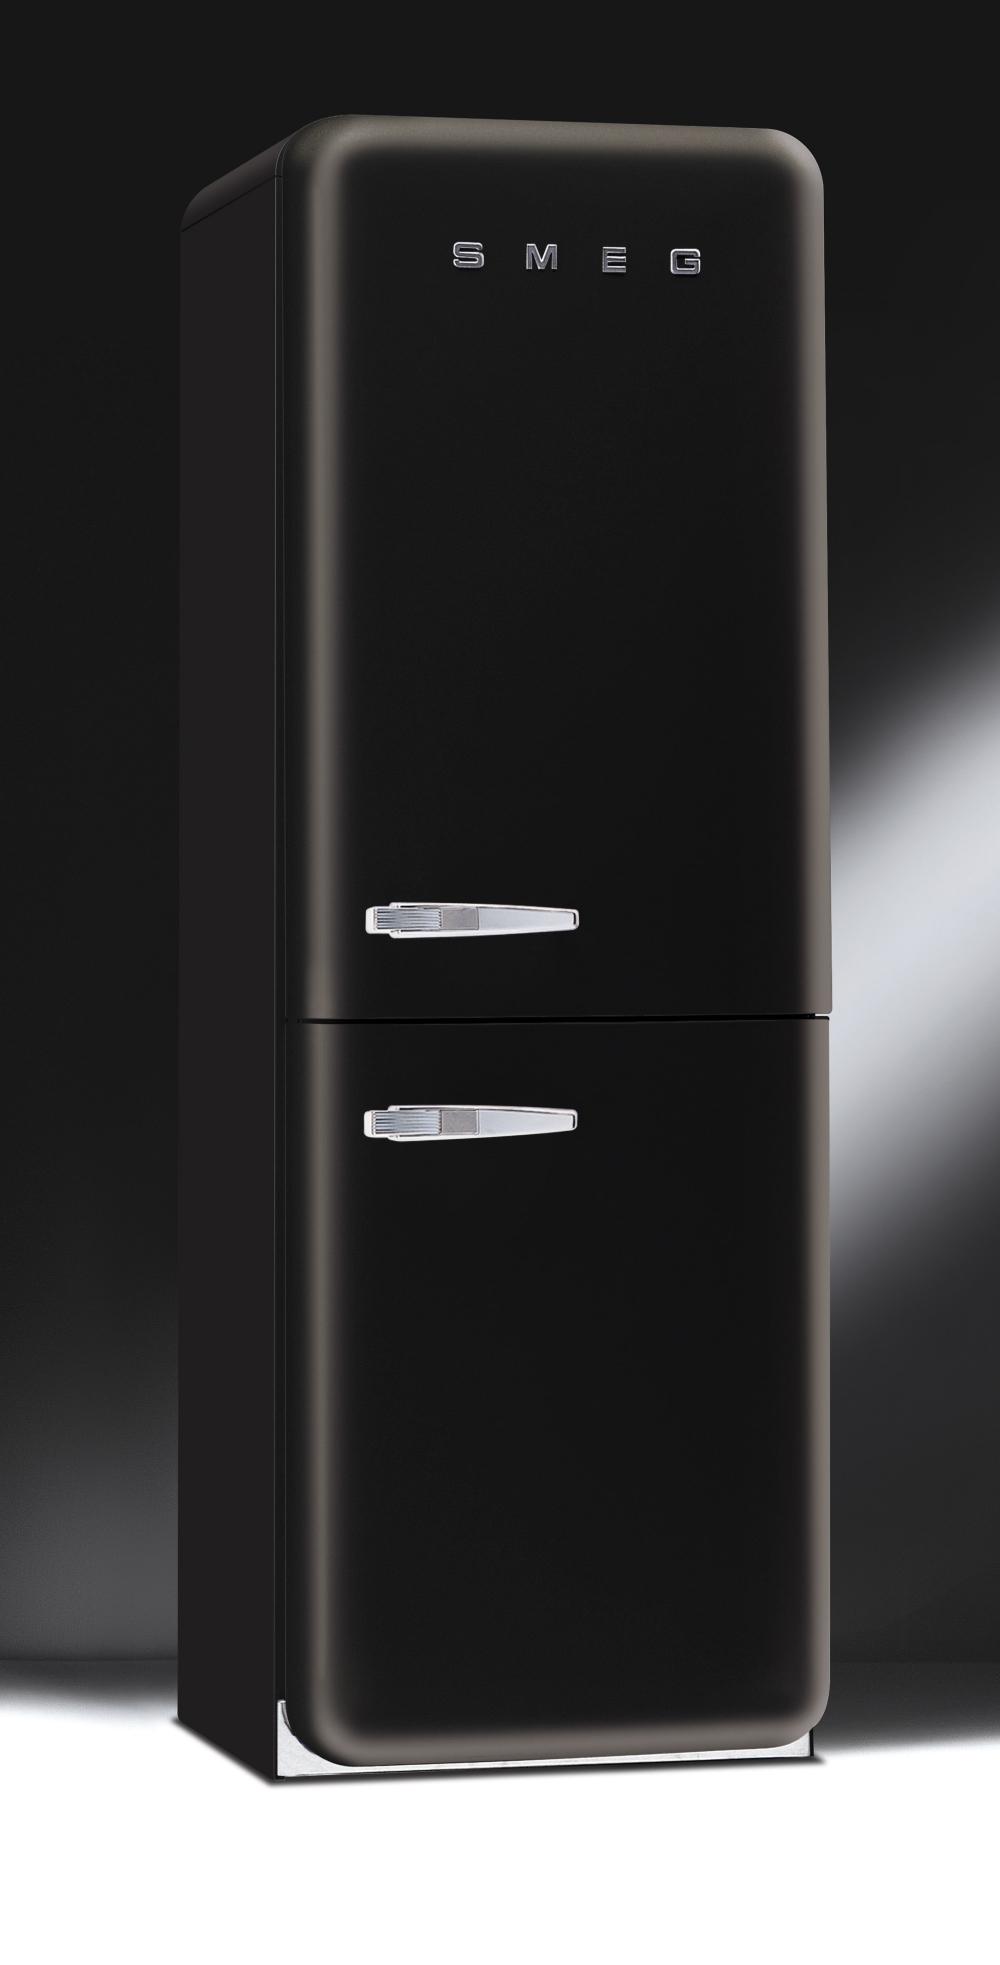 informationsseite h ttich smeg fab32rnen1 stand k hl gefrierkombination schwarz. Black Bedroom Furniture Sets. Home Design Ideas